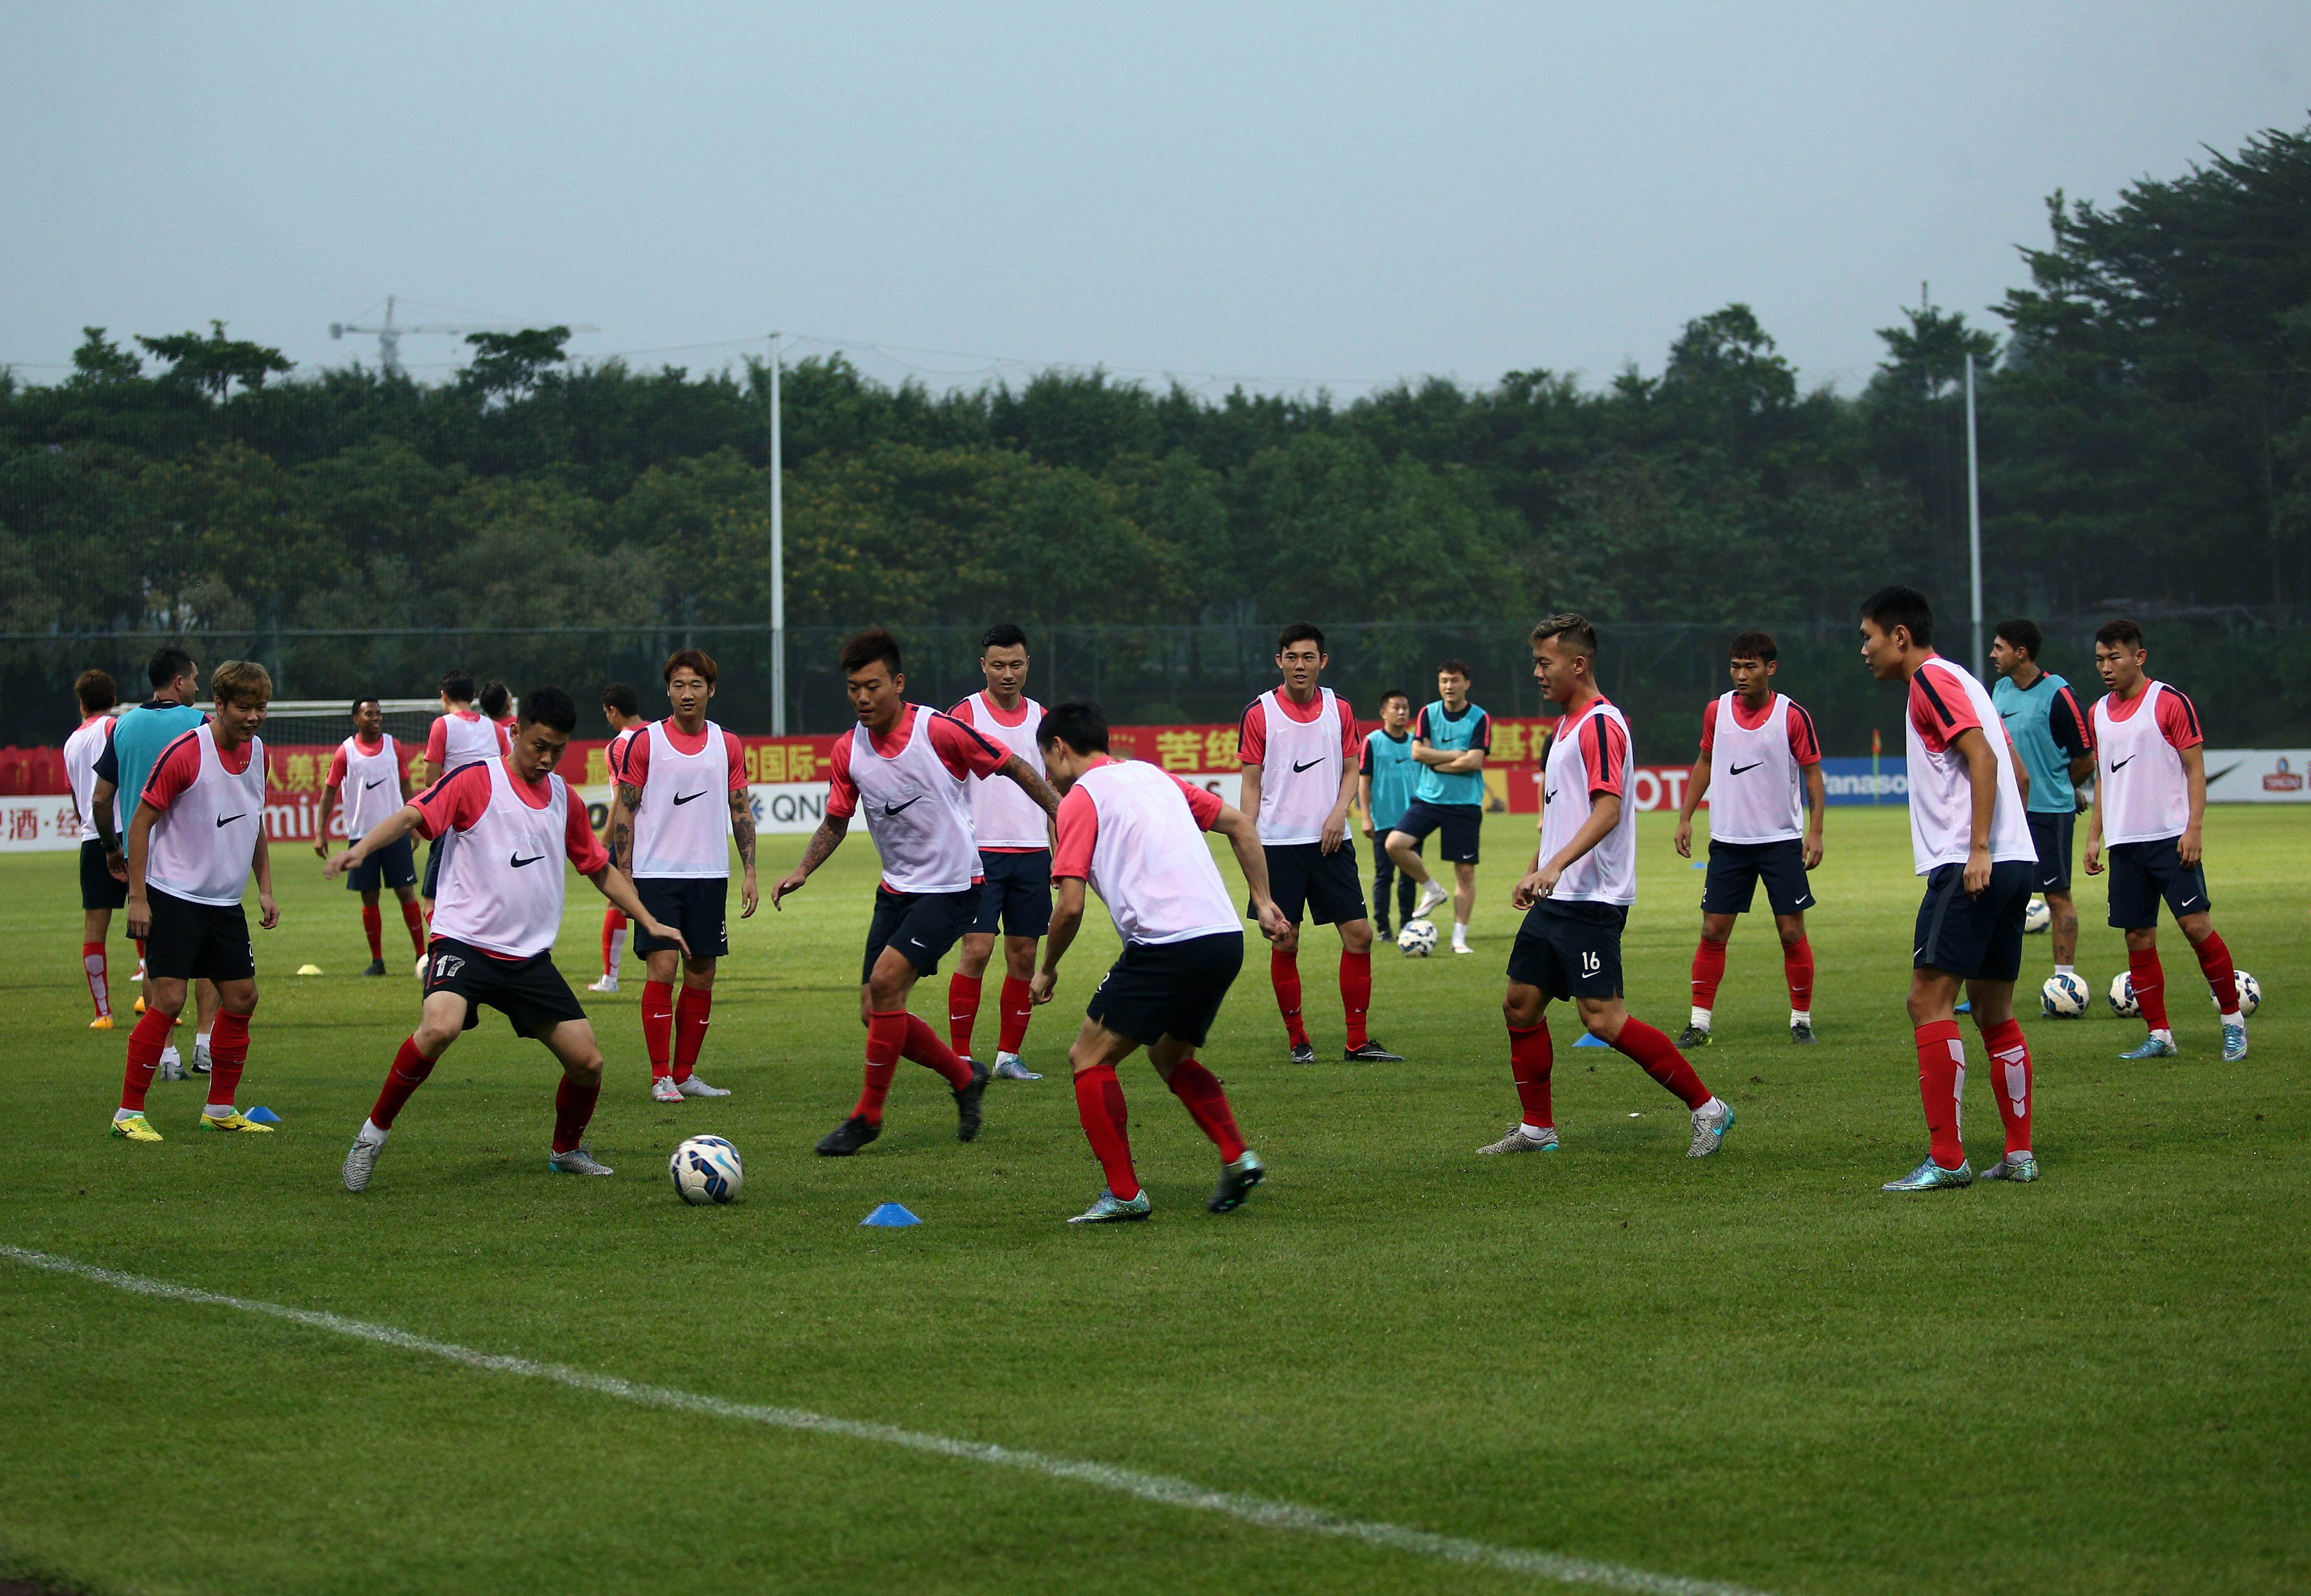 متفوقًا على ريال مدريد.. جوانجزو الصيني يتصدر أندية العالم من حيث القيمة السوقية